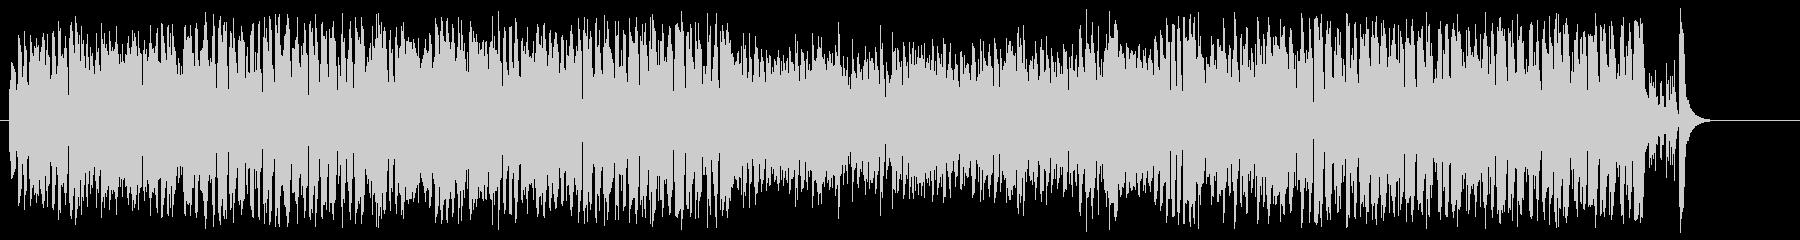 セントルイス風ジャズ・アンサンブルの未再生の波形